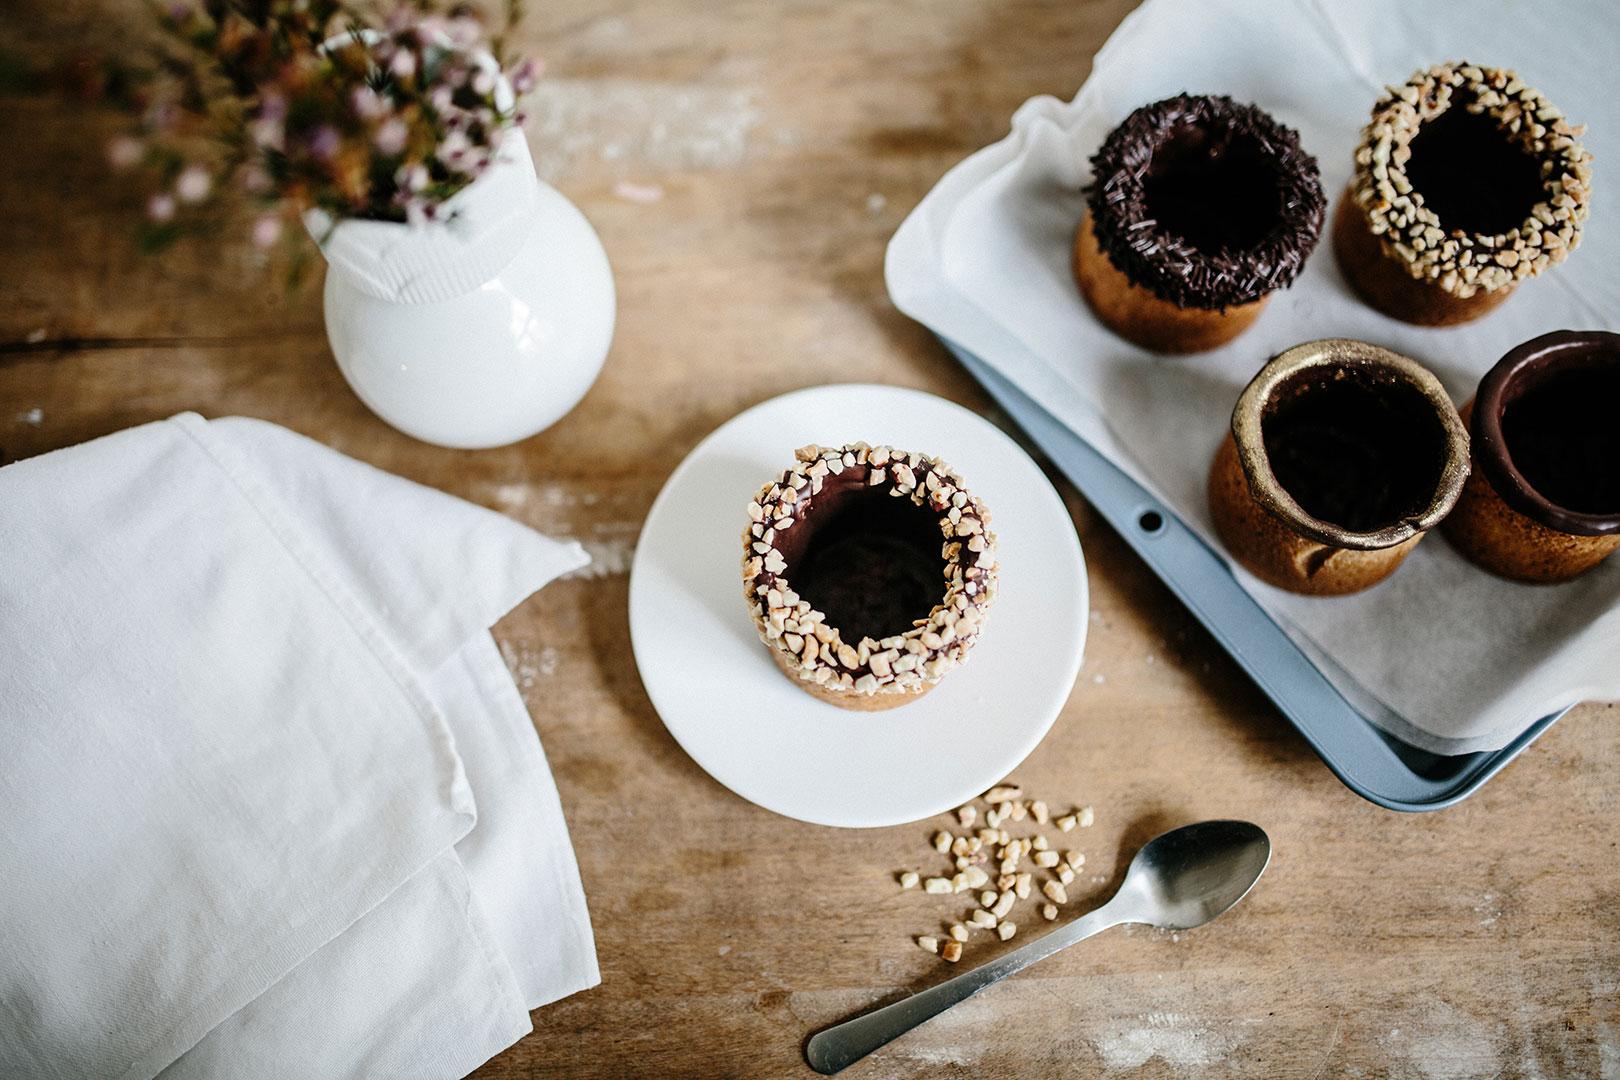 Der Cookie Cup – eine Tasse Kaffee in der Waffel nicht im Becher